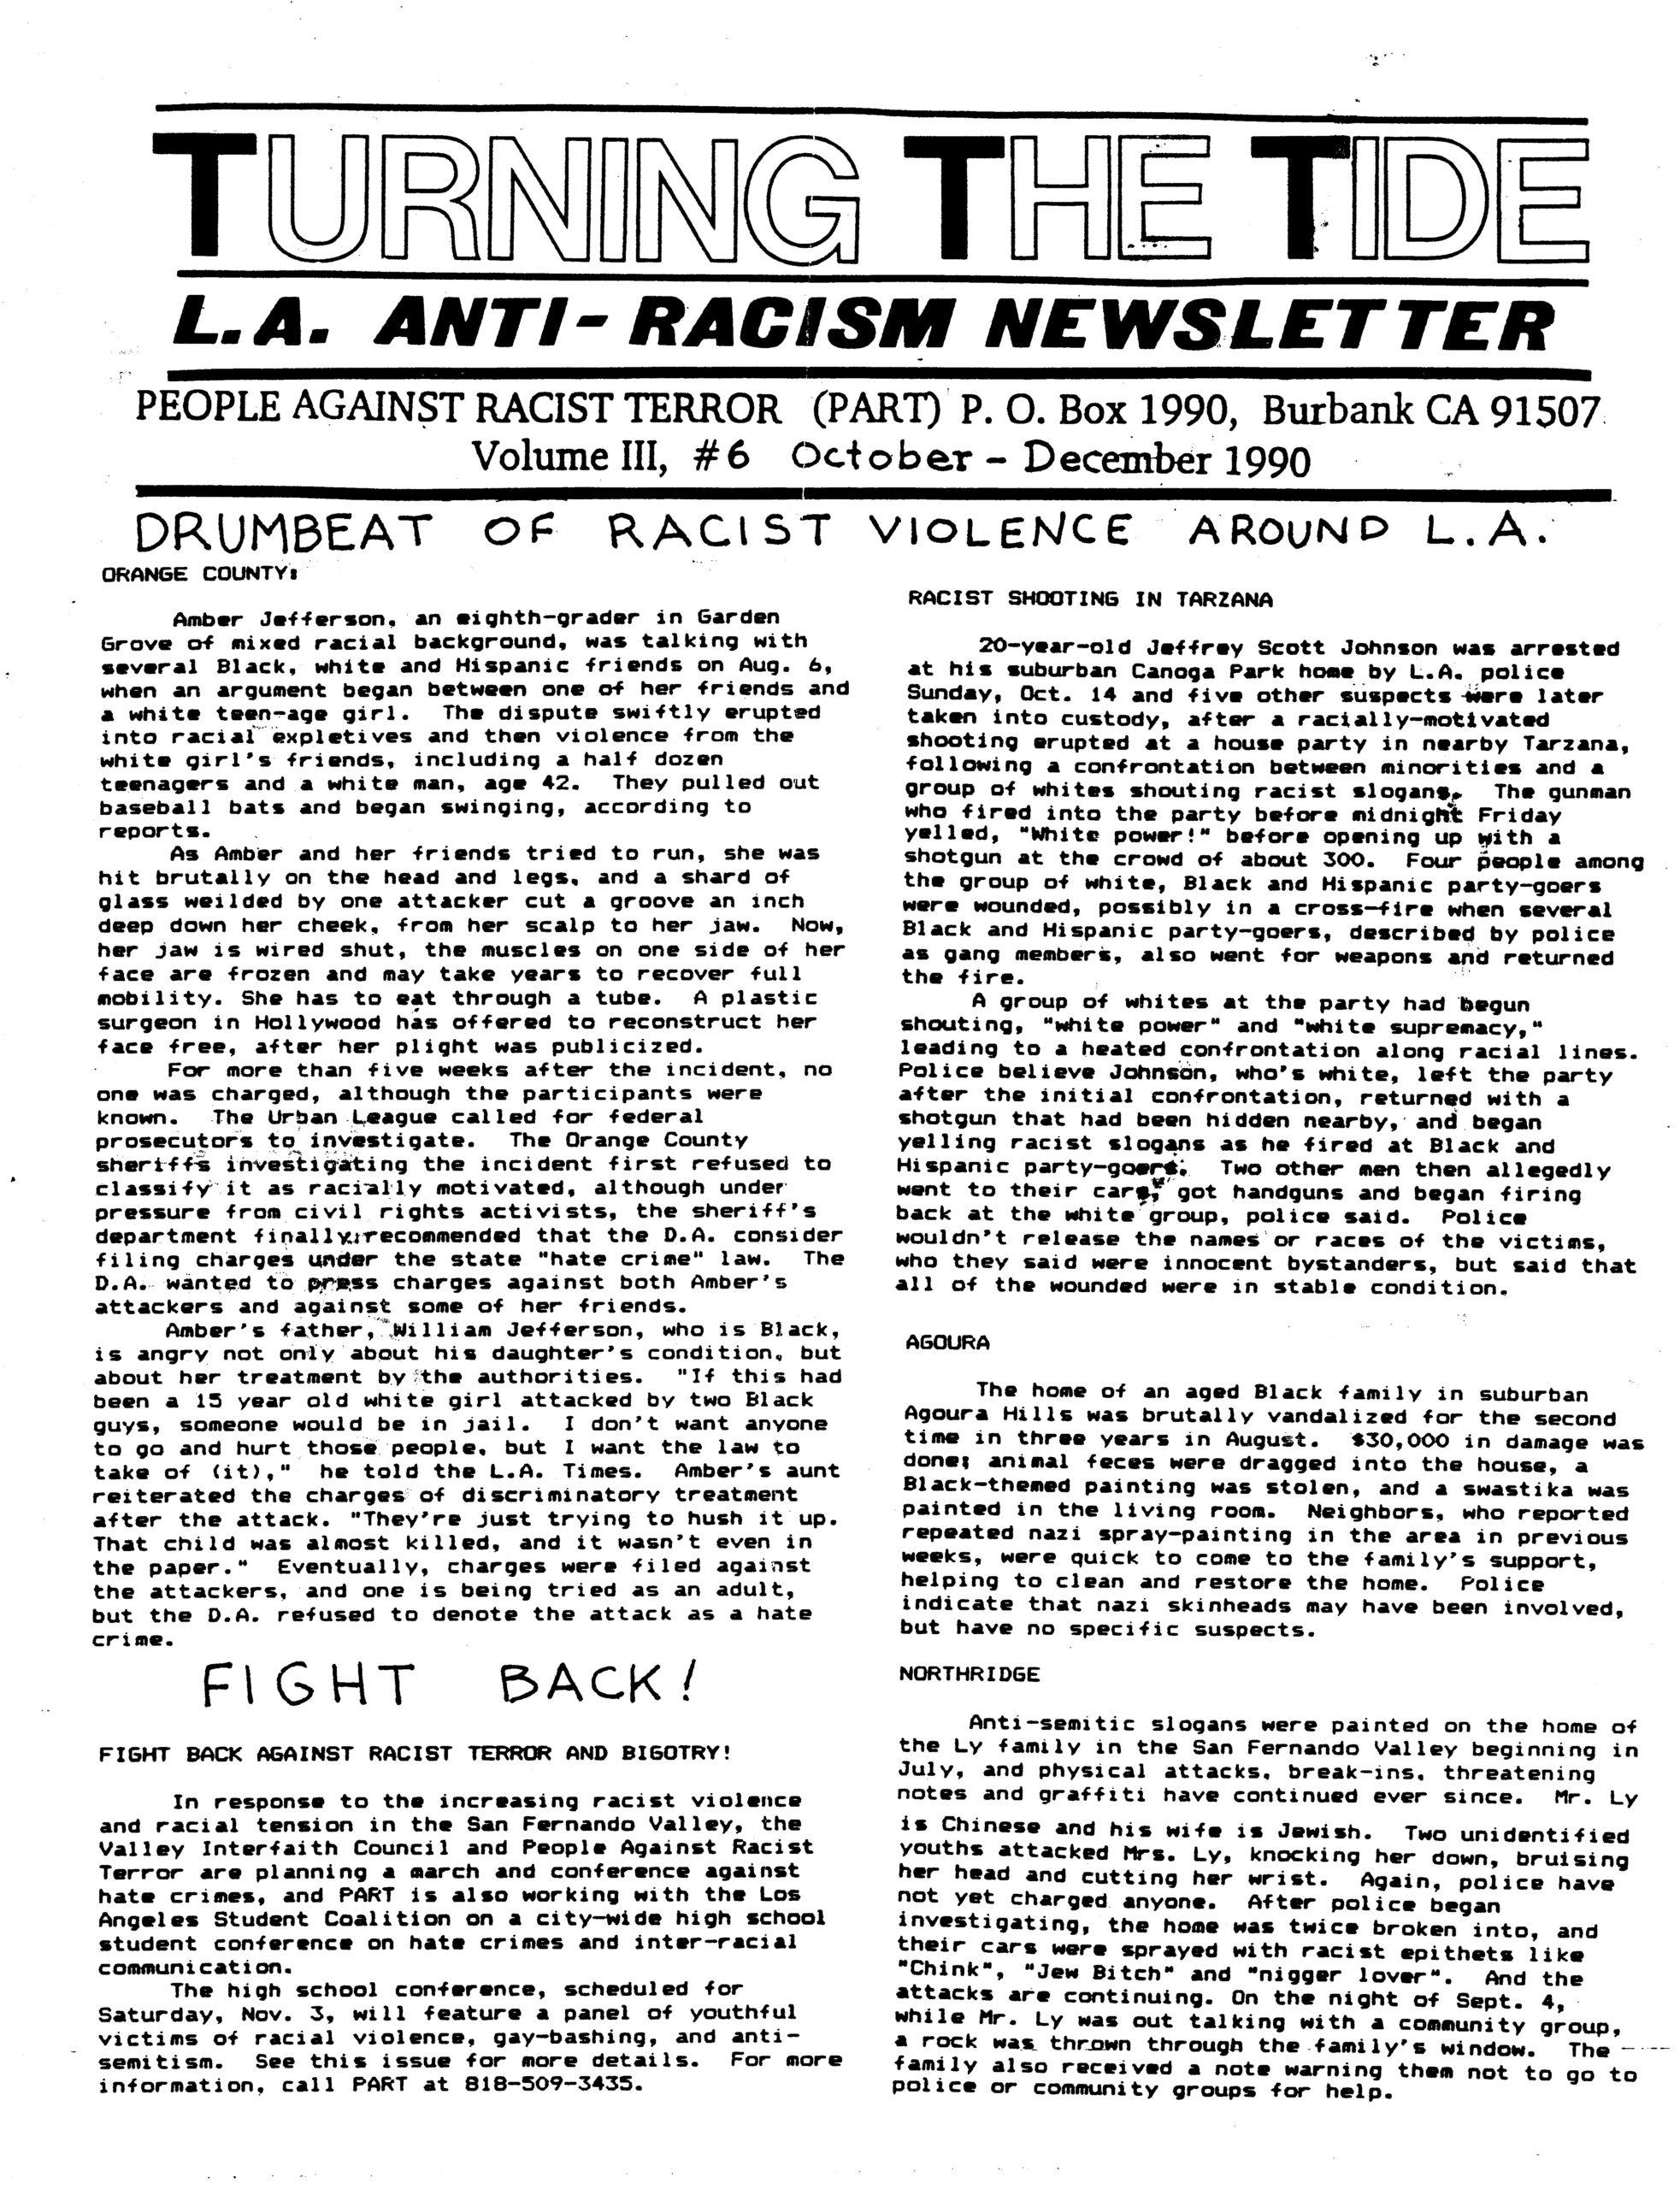 TTT Vol, 3, #6 Oct.-Dec. 1990